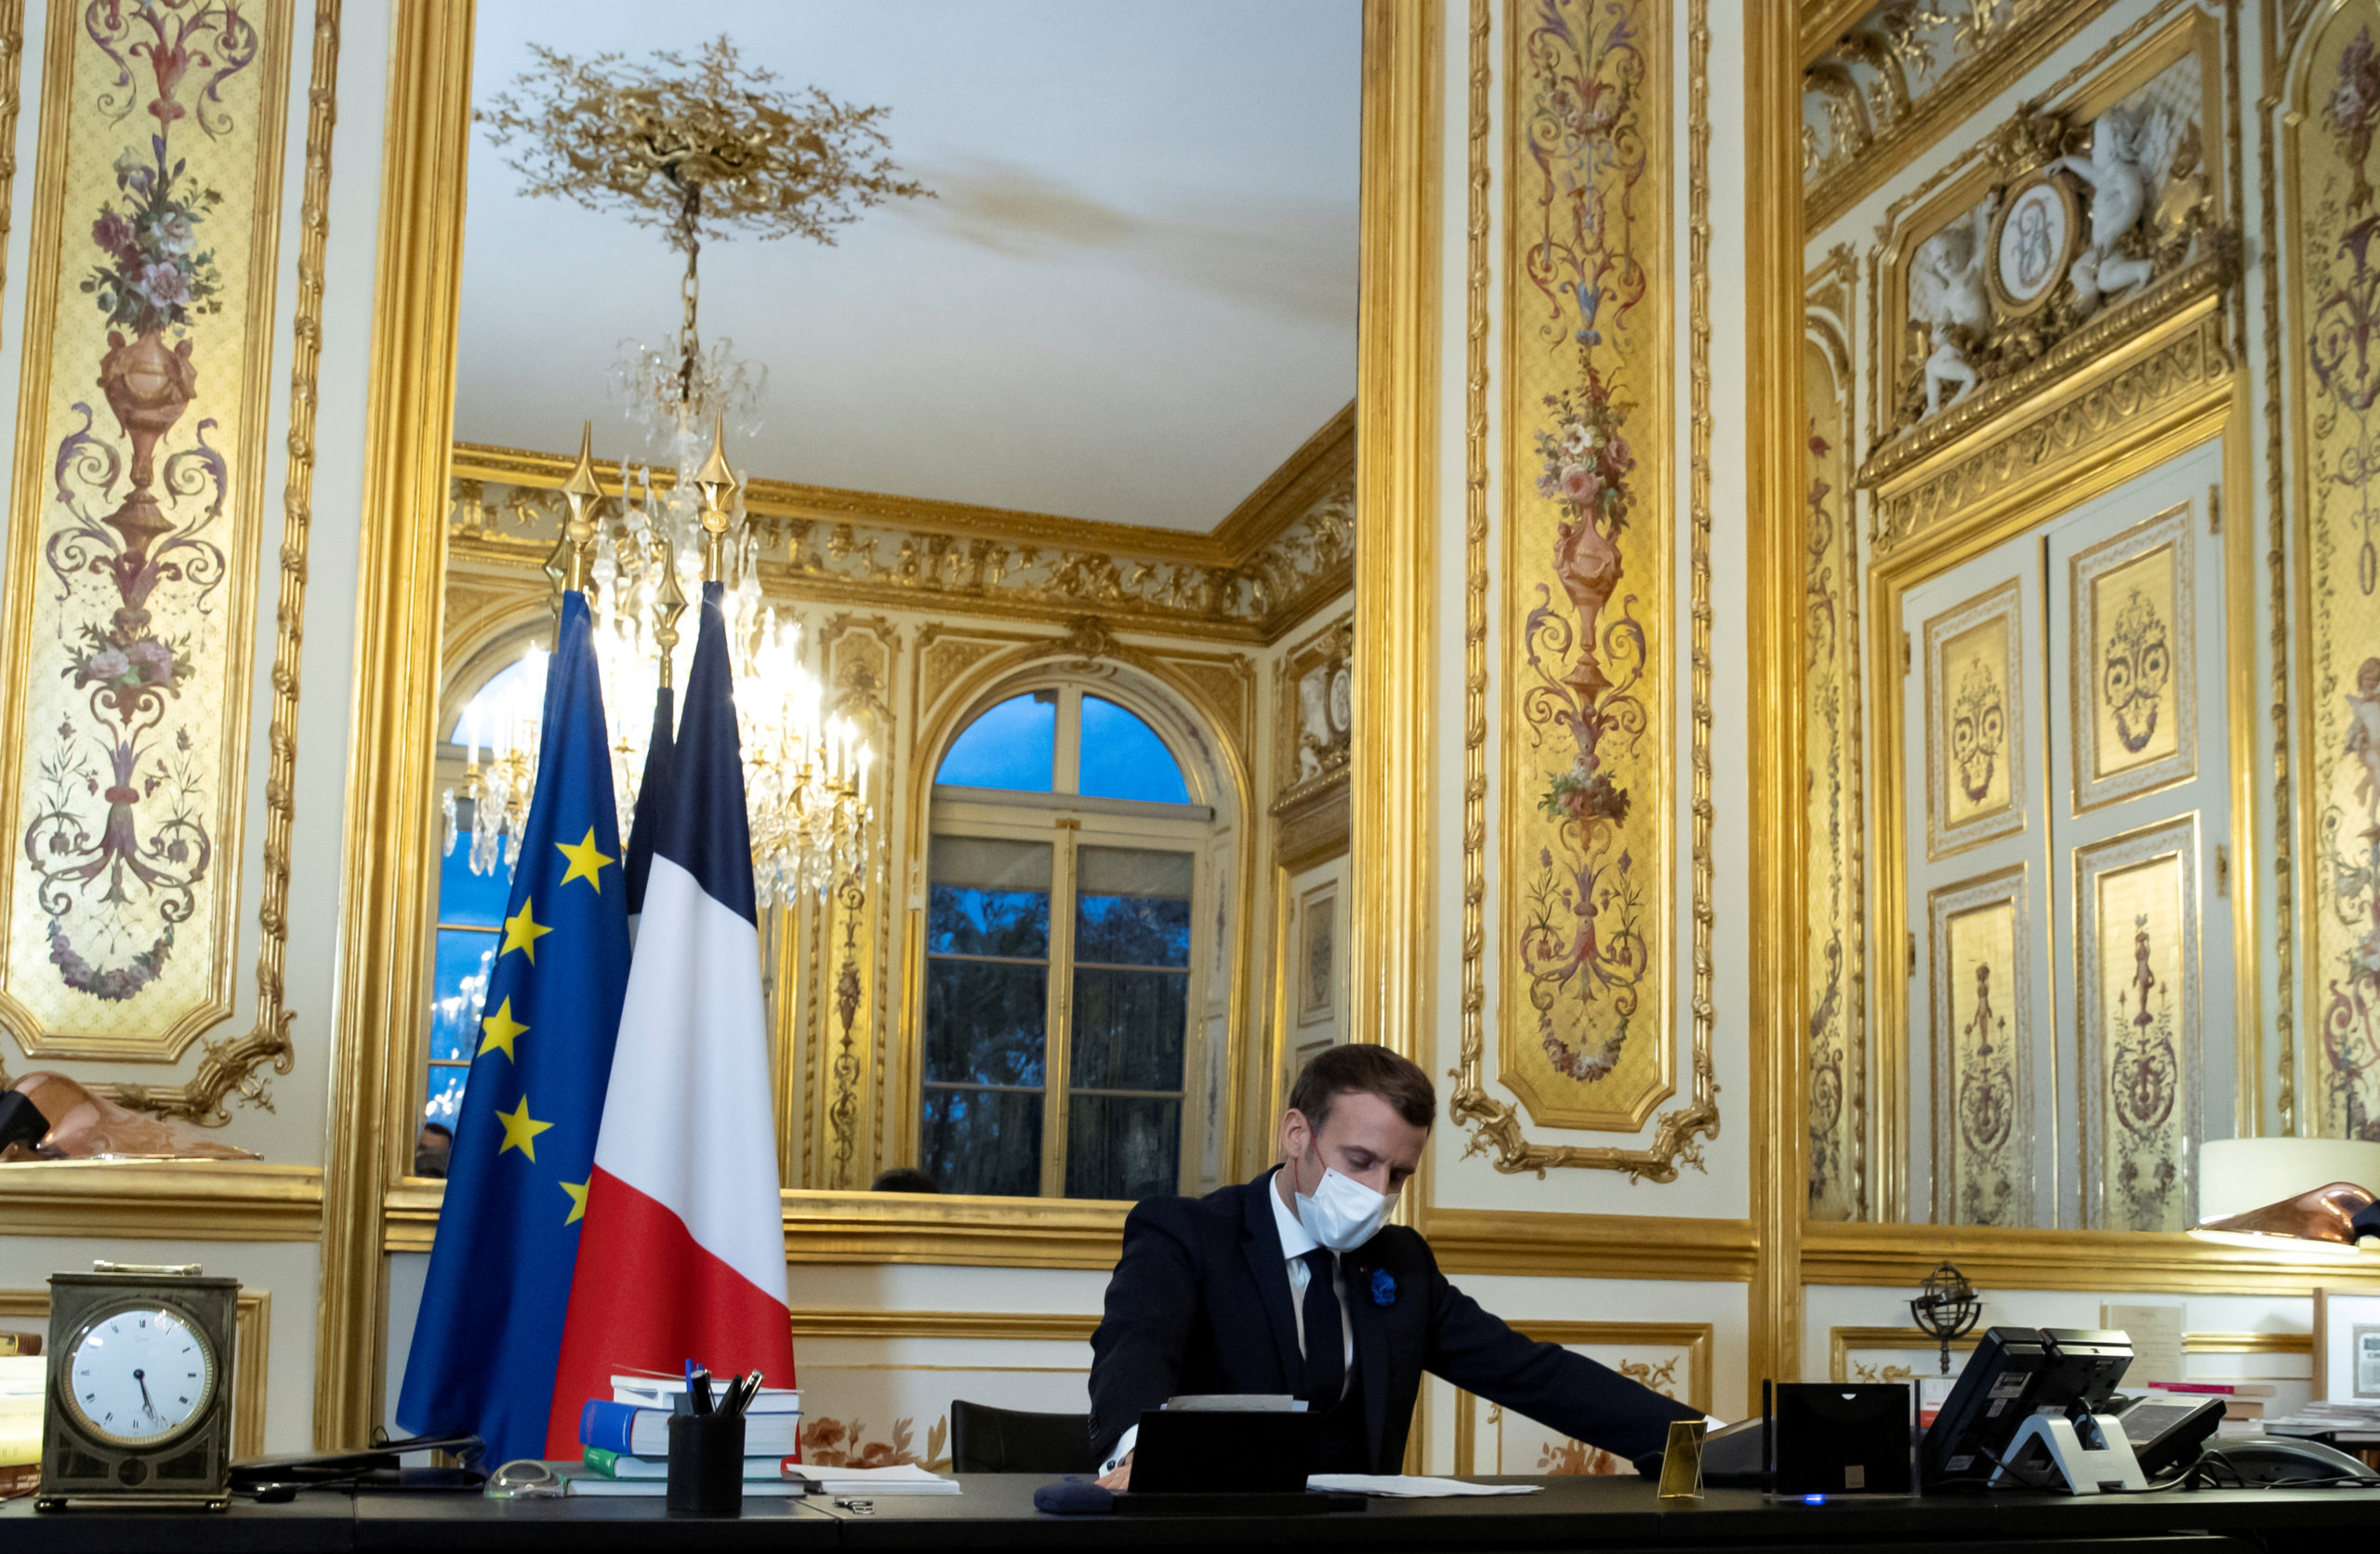 France, the 'grandeur' stabbed